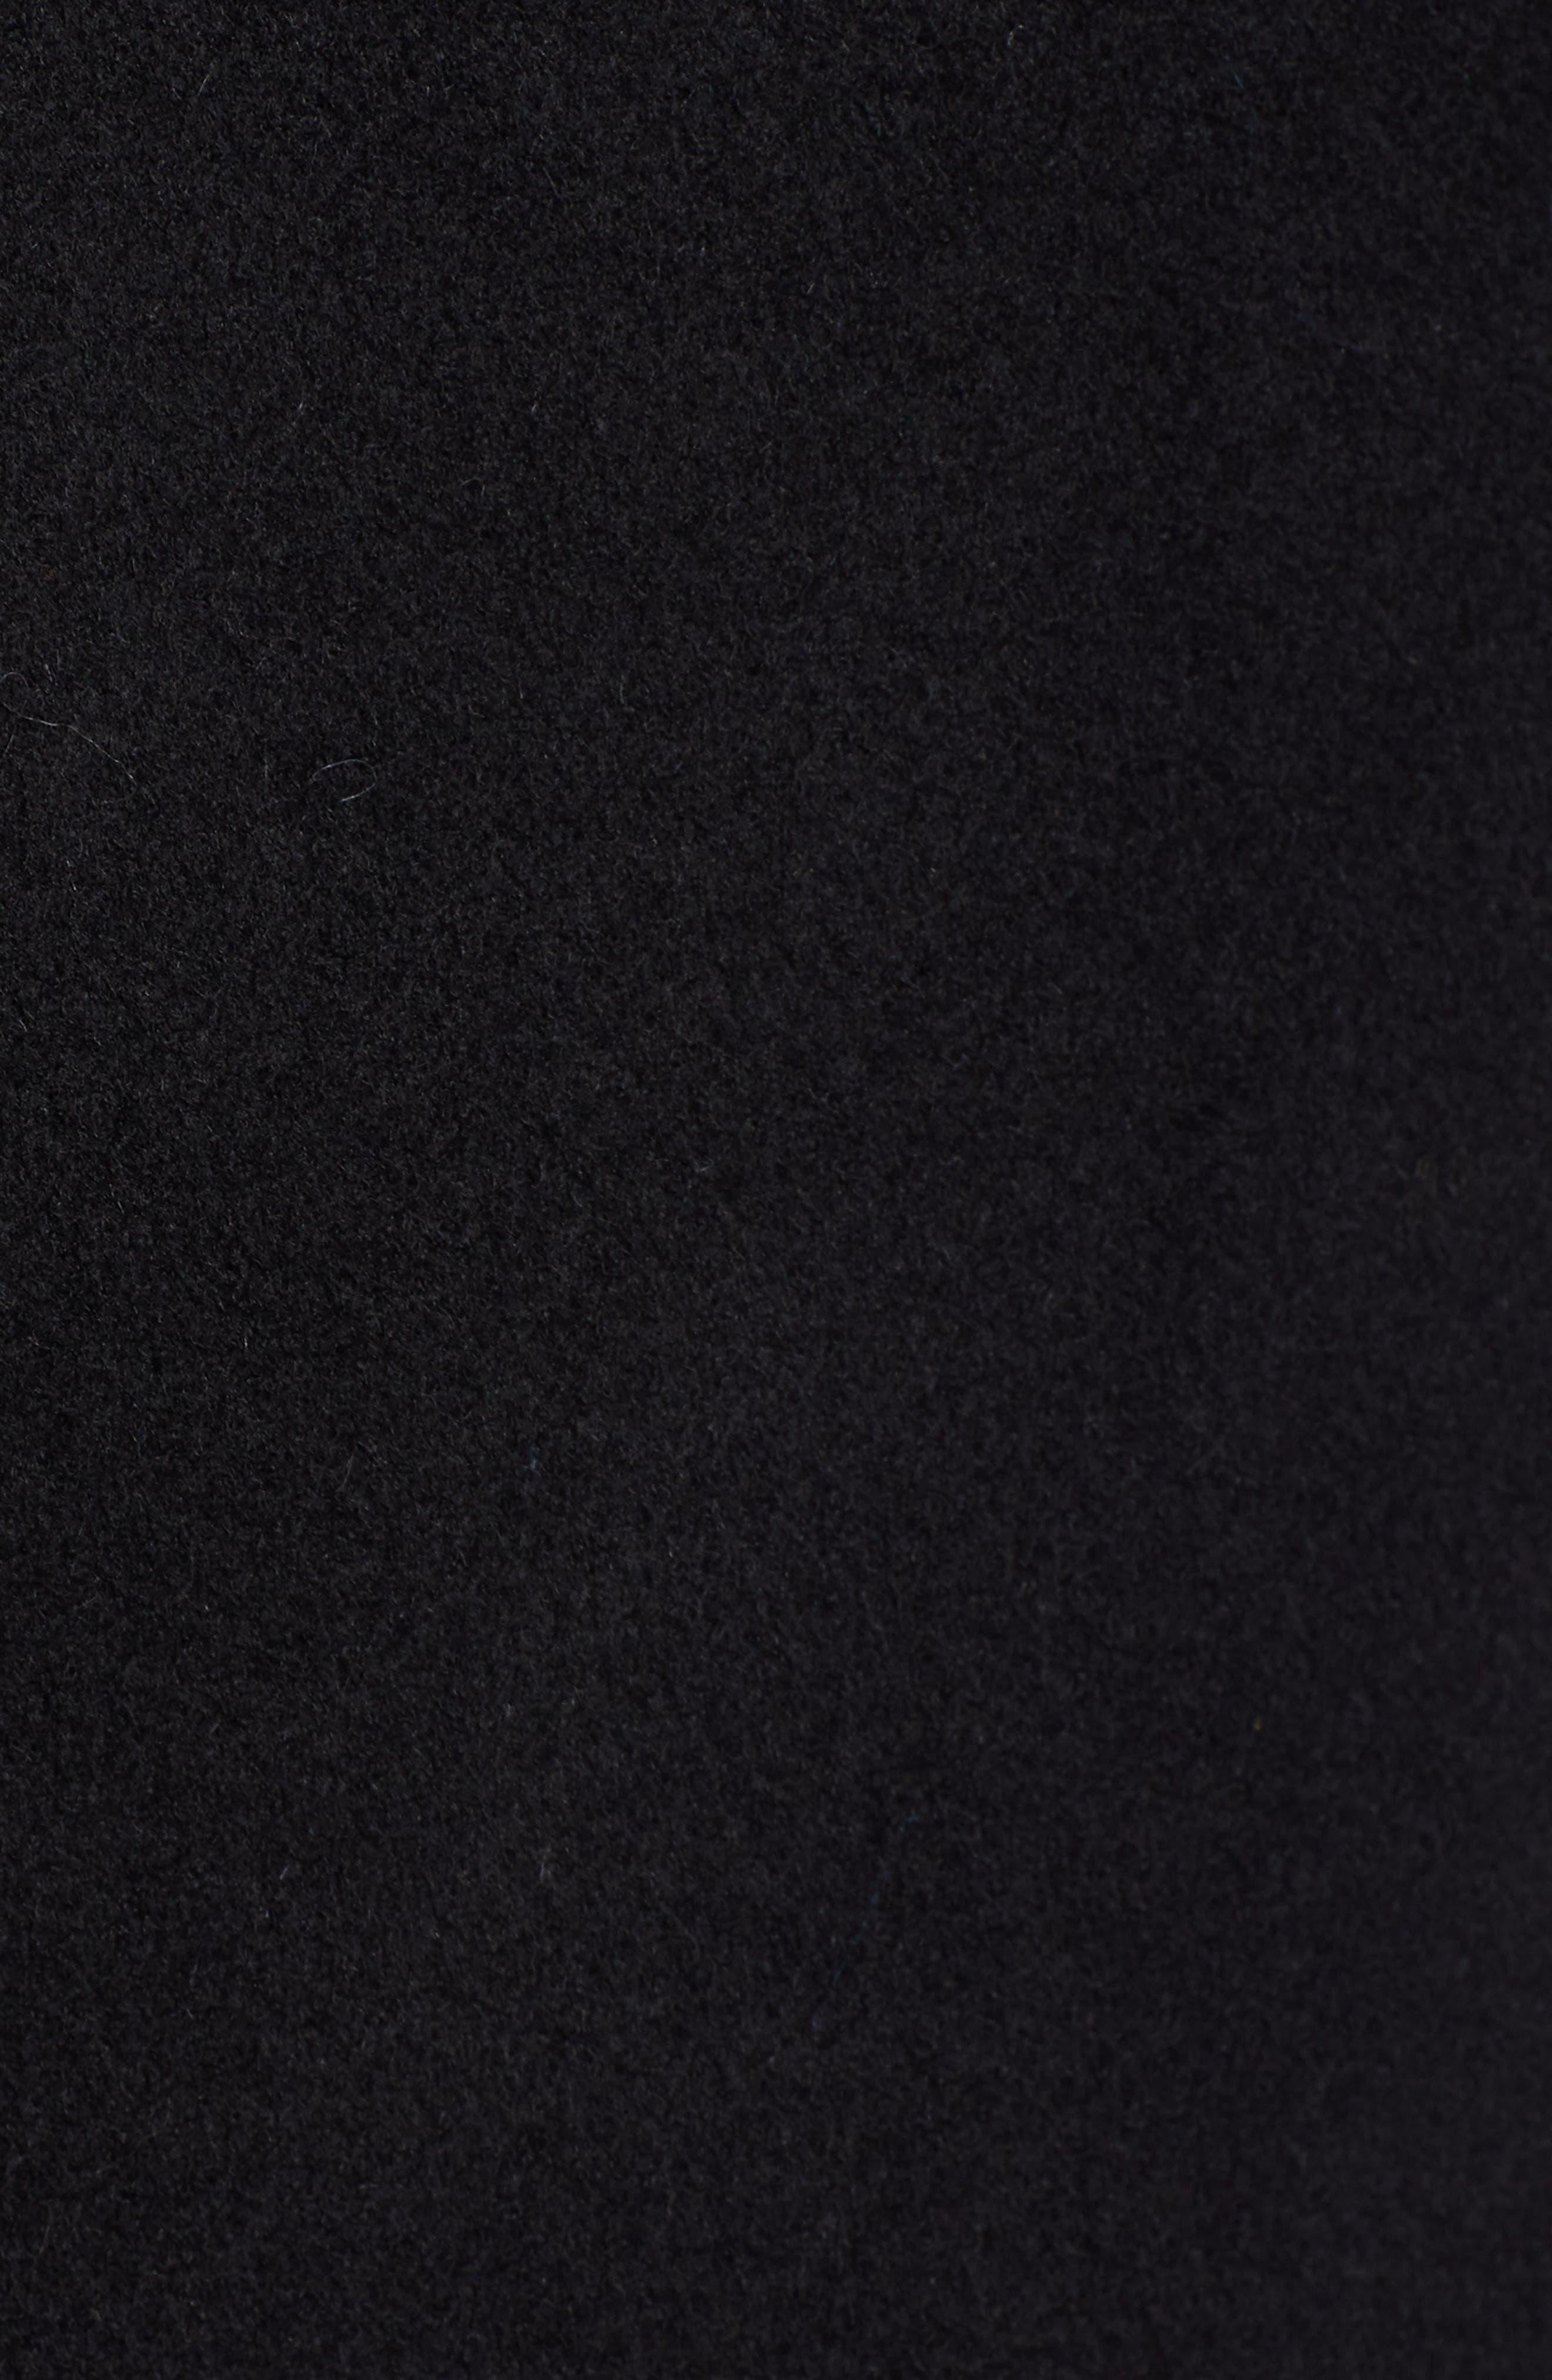 St Marie Wool Hooded Coat with Genuine Raccoon Fur Trim,                             Alternate thumbnail 7, color,                             BLACK